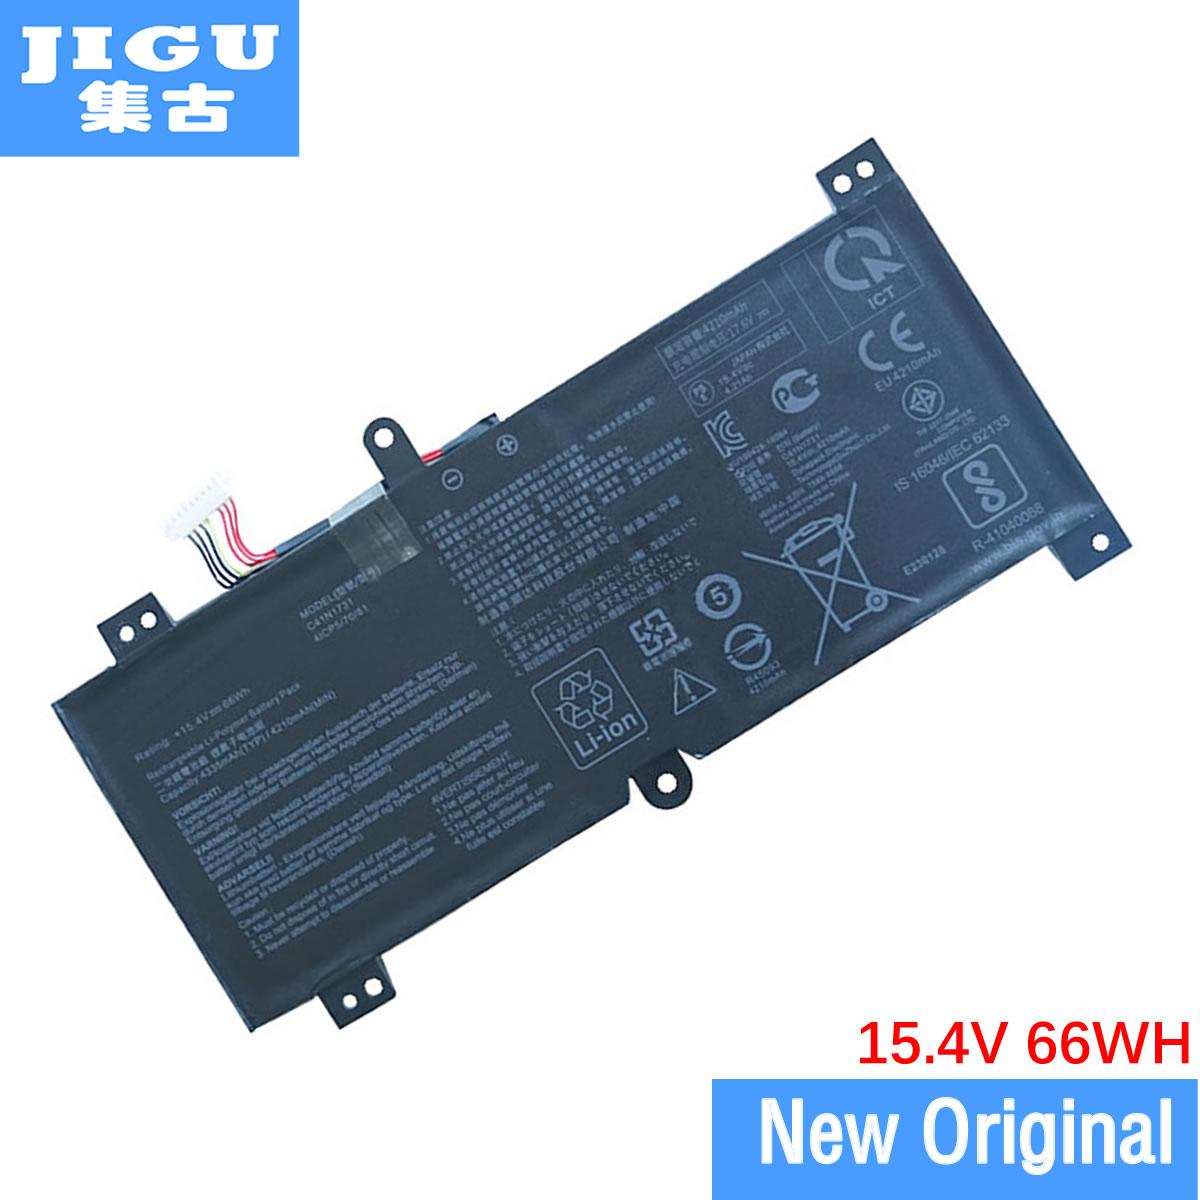 JIGU الأصلي بطارية كمبيوتر محمول 0B200-02940000 ل ASUS C41N1731 GL504 GL504GM GL504GS ل ROG Strix GL504GM-ES175T